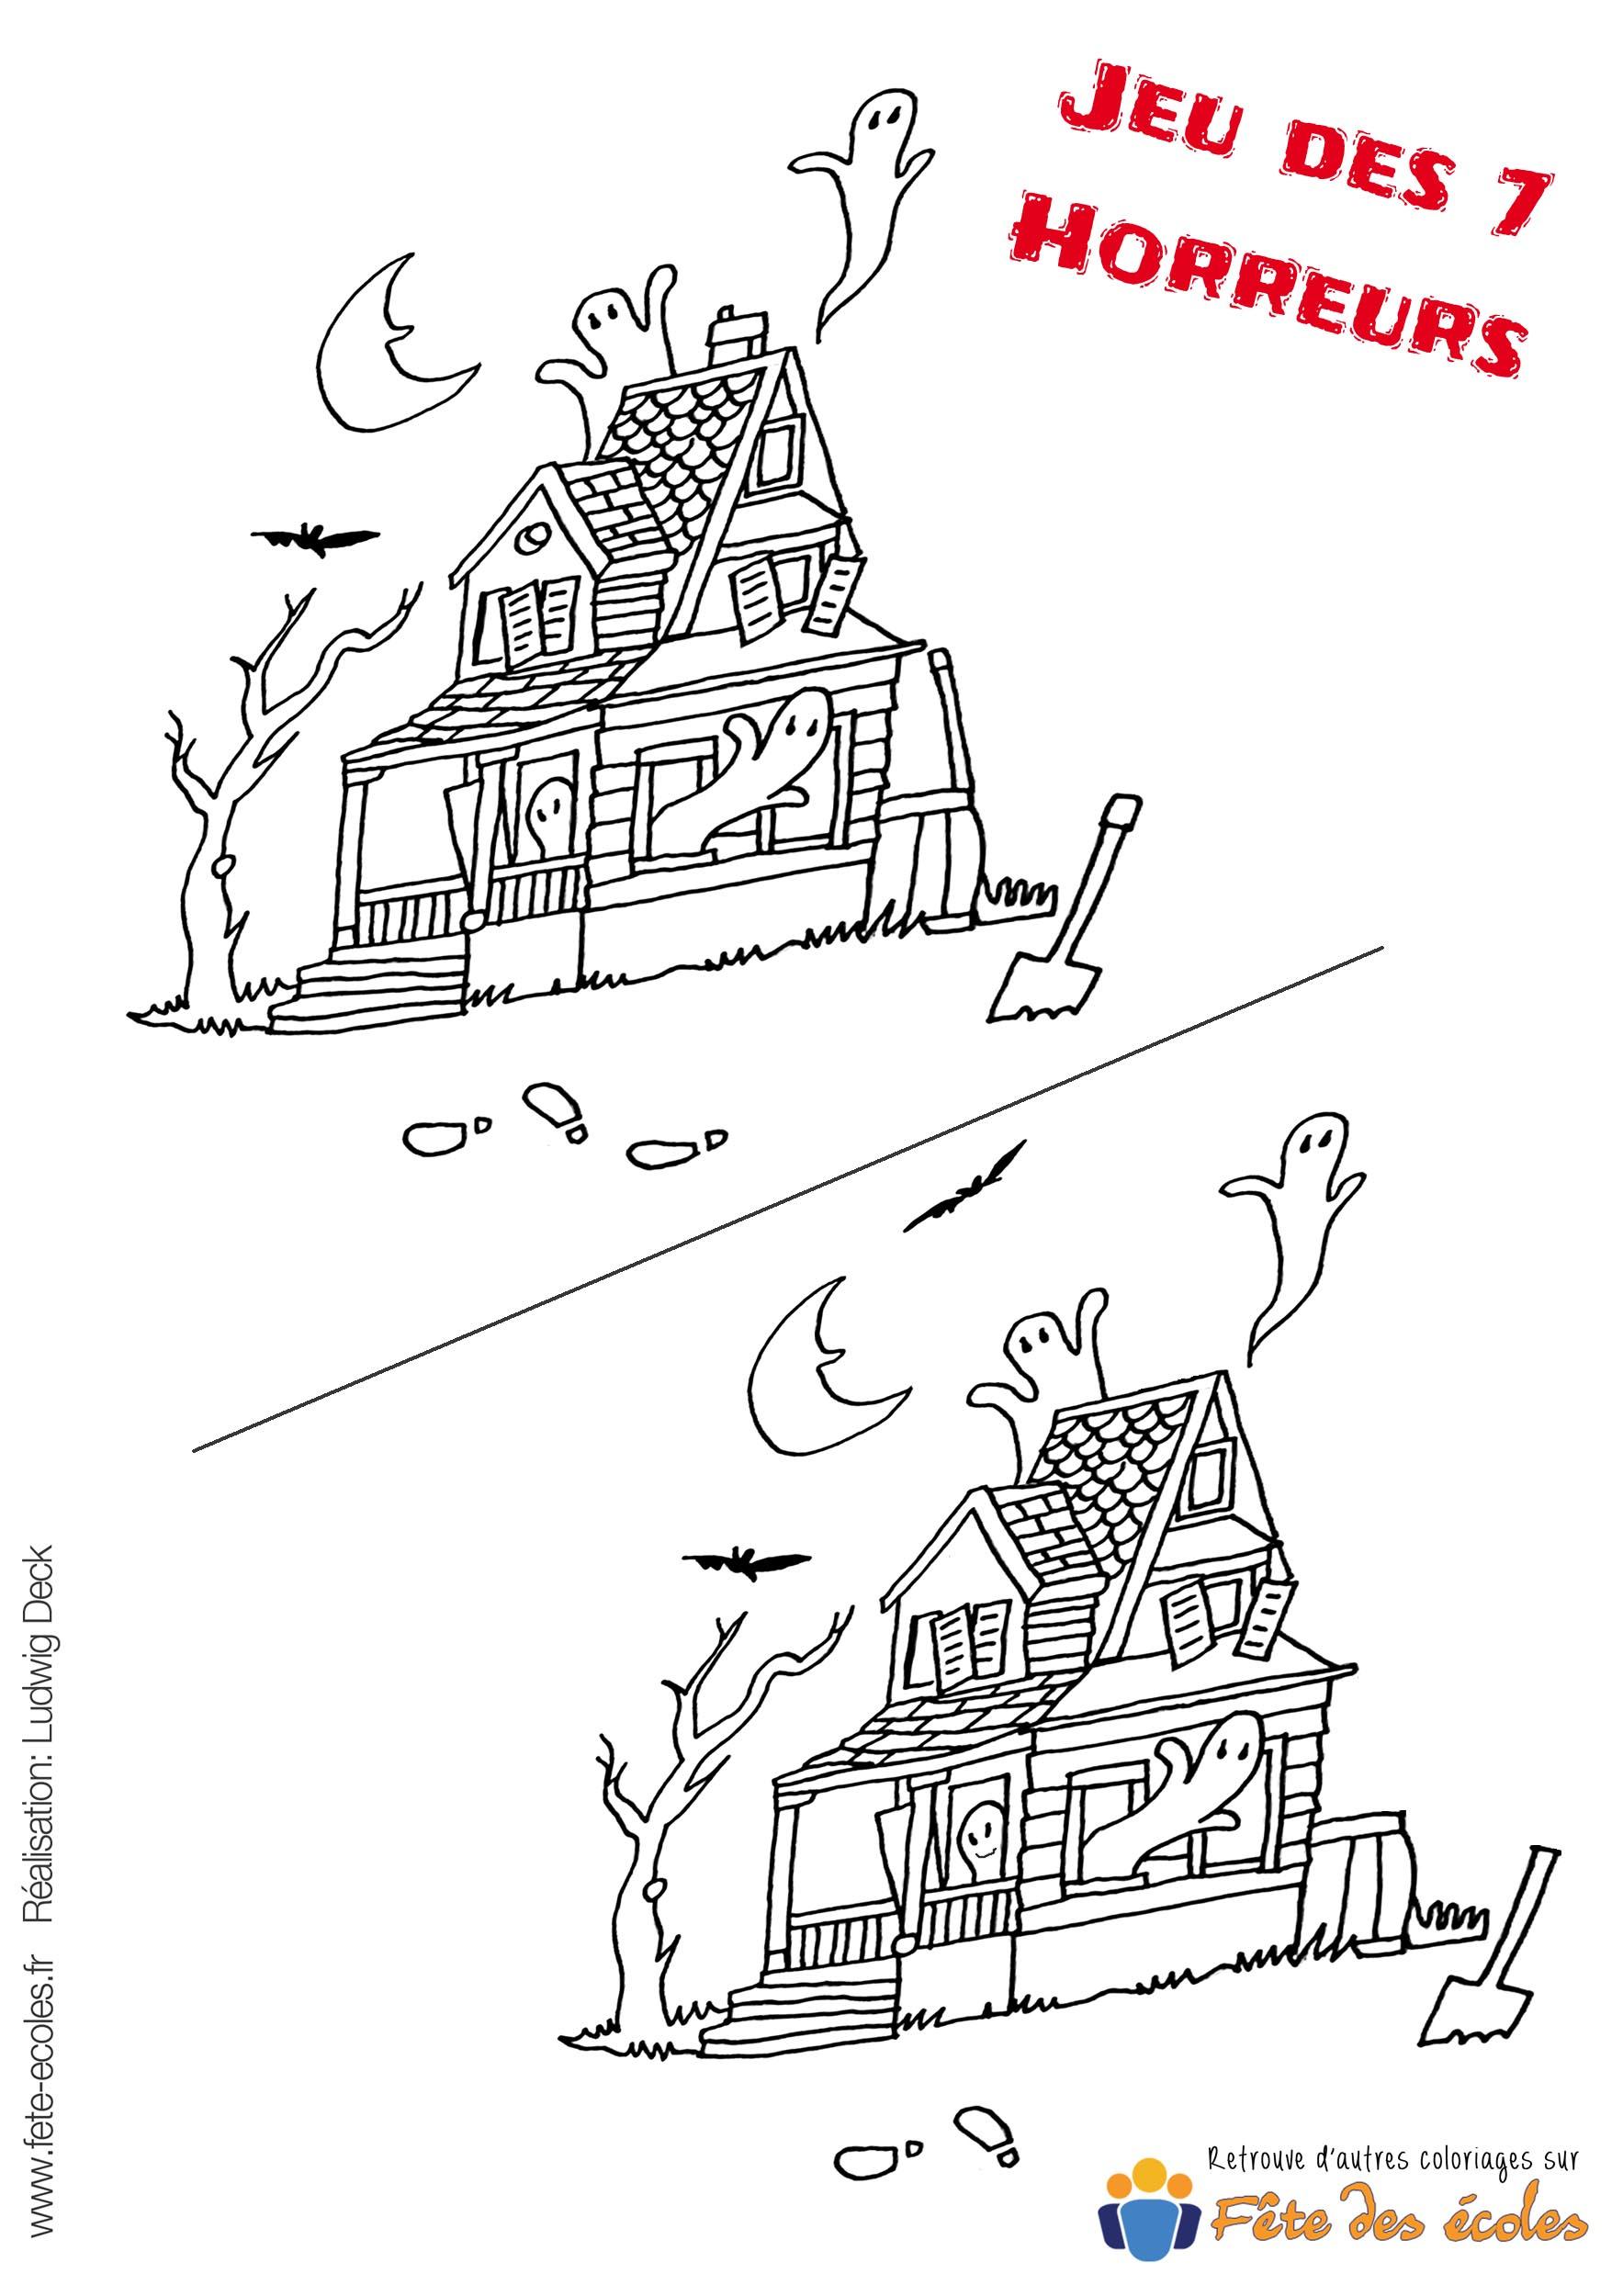 Jeu 7 Erreurs Maison Hantée à Jeu Des Sept Erreurs